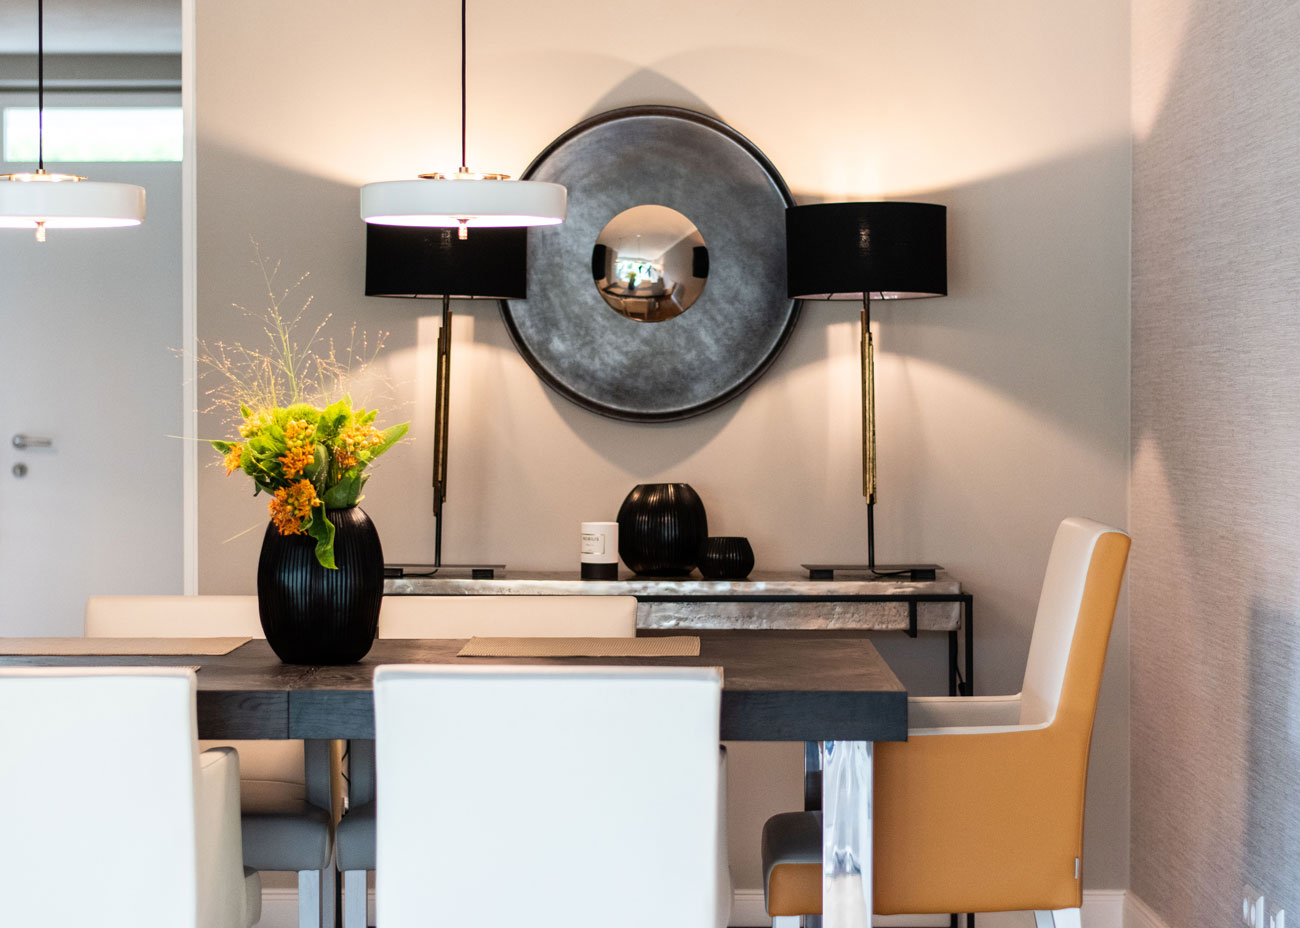 haus renovieren ideen terrasse esszimmer tisch stühle konsole leuchten spiegel vase blumen